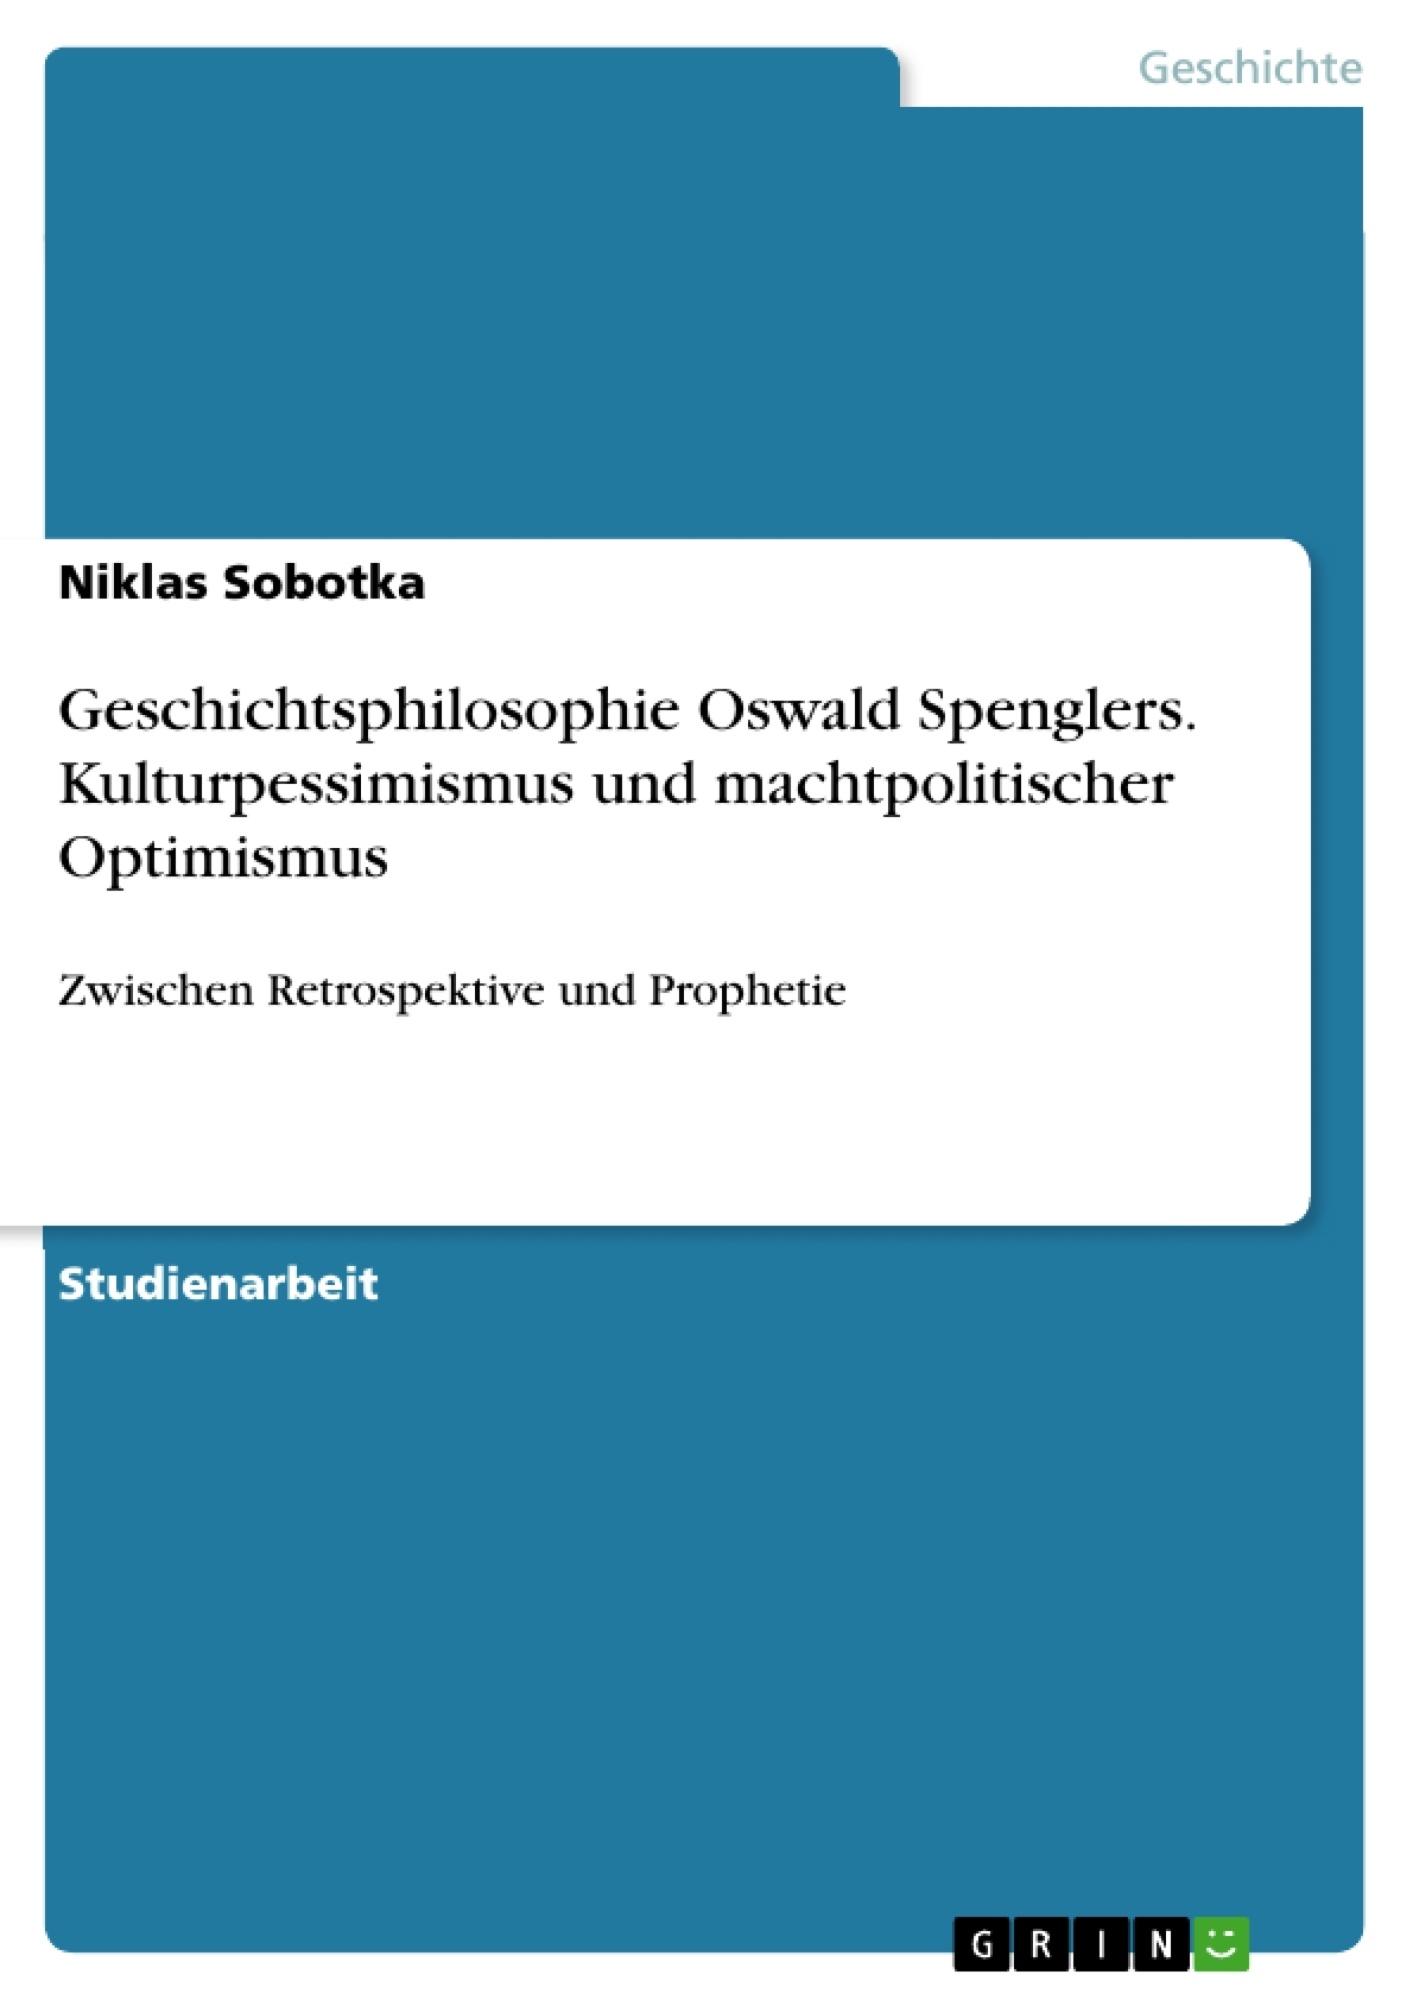 Titel: Geschichtsphilosophie Oswald Spenglers. Kulturpessimismus und machtpolitischer Optimismus